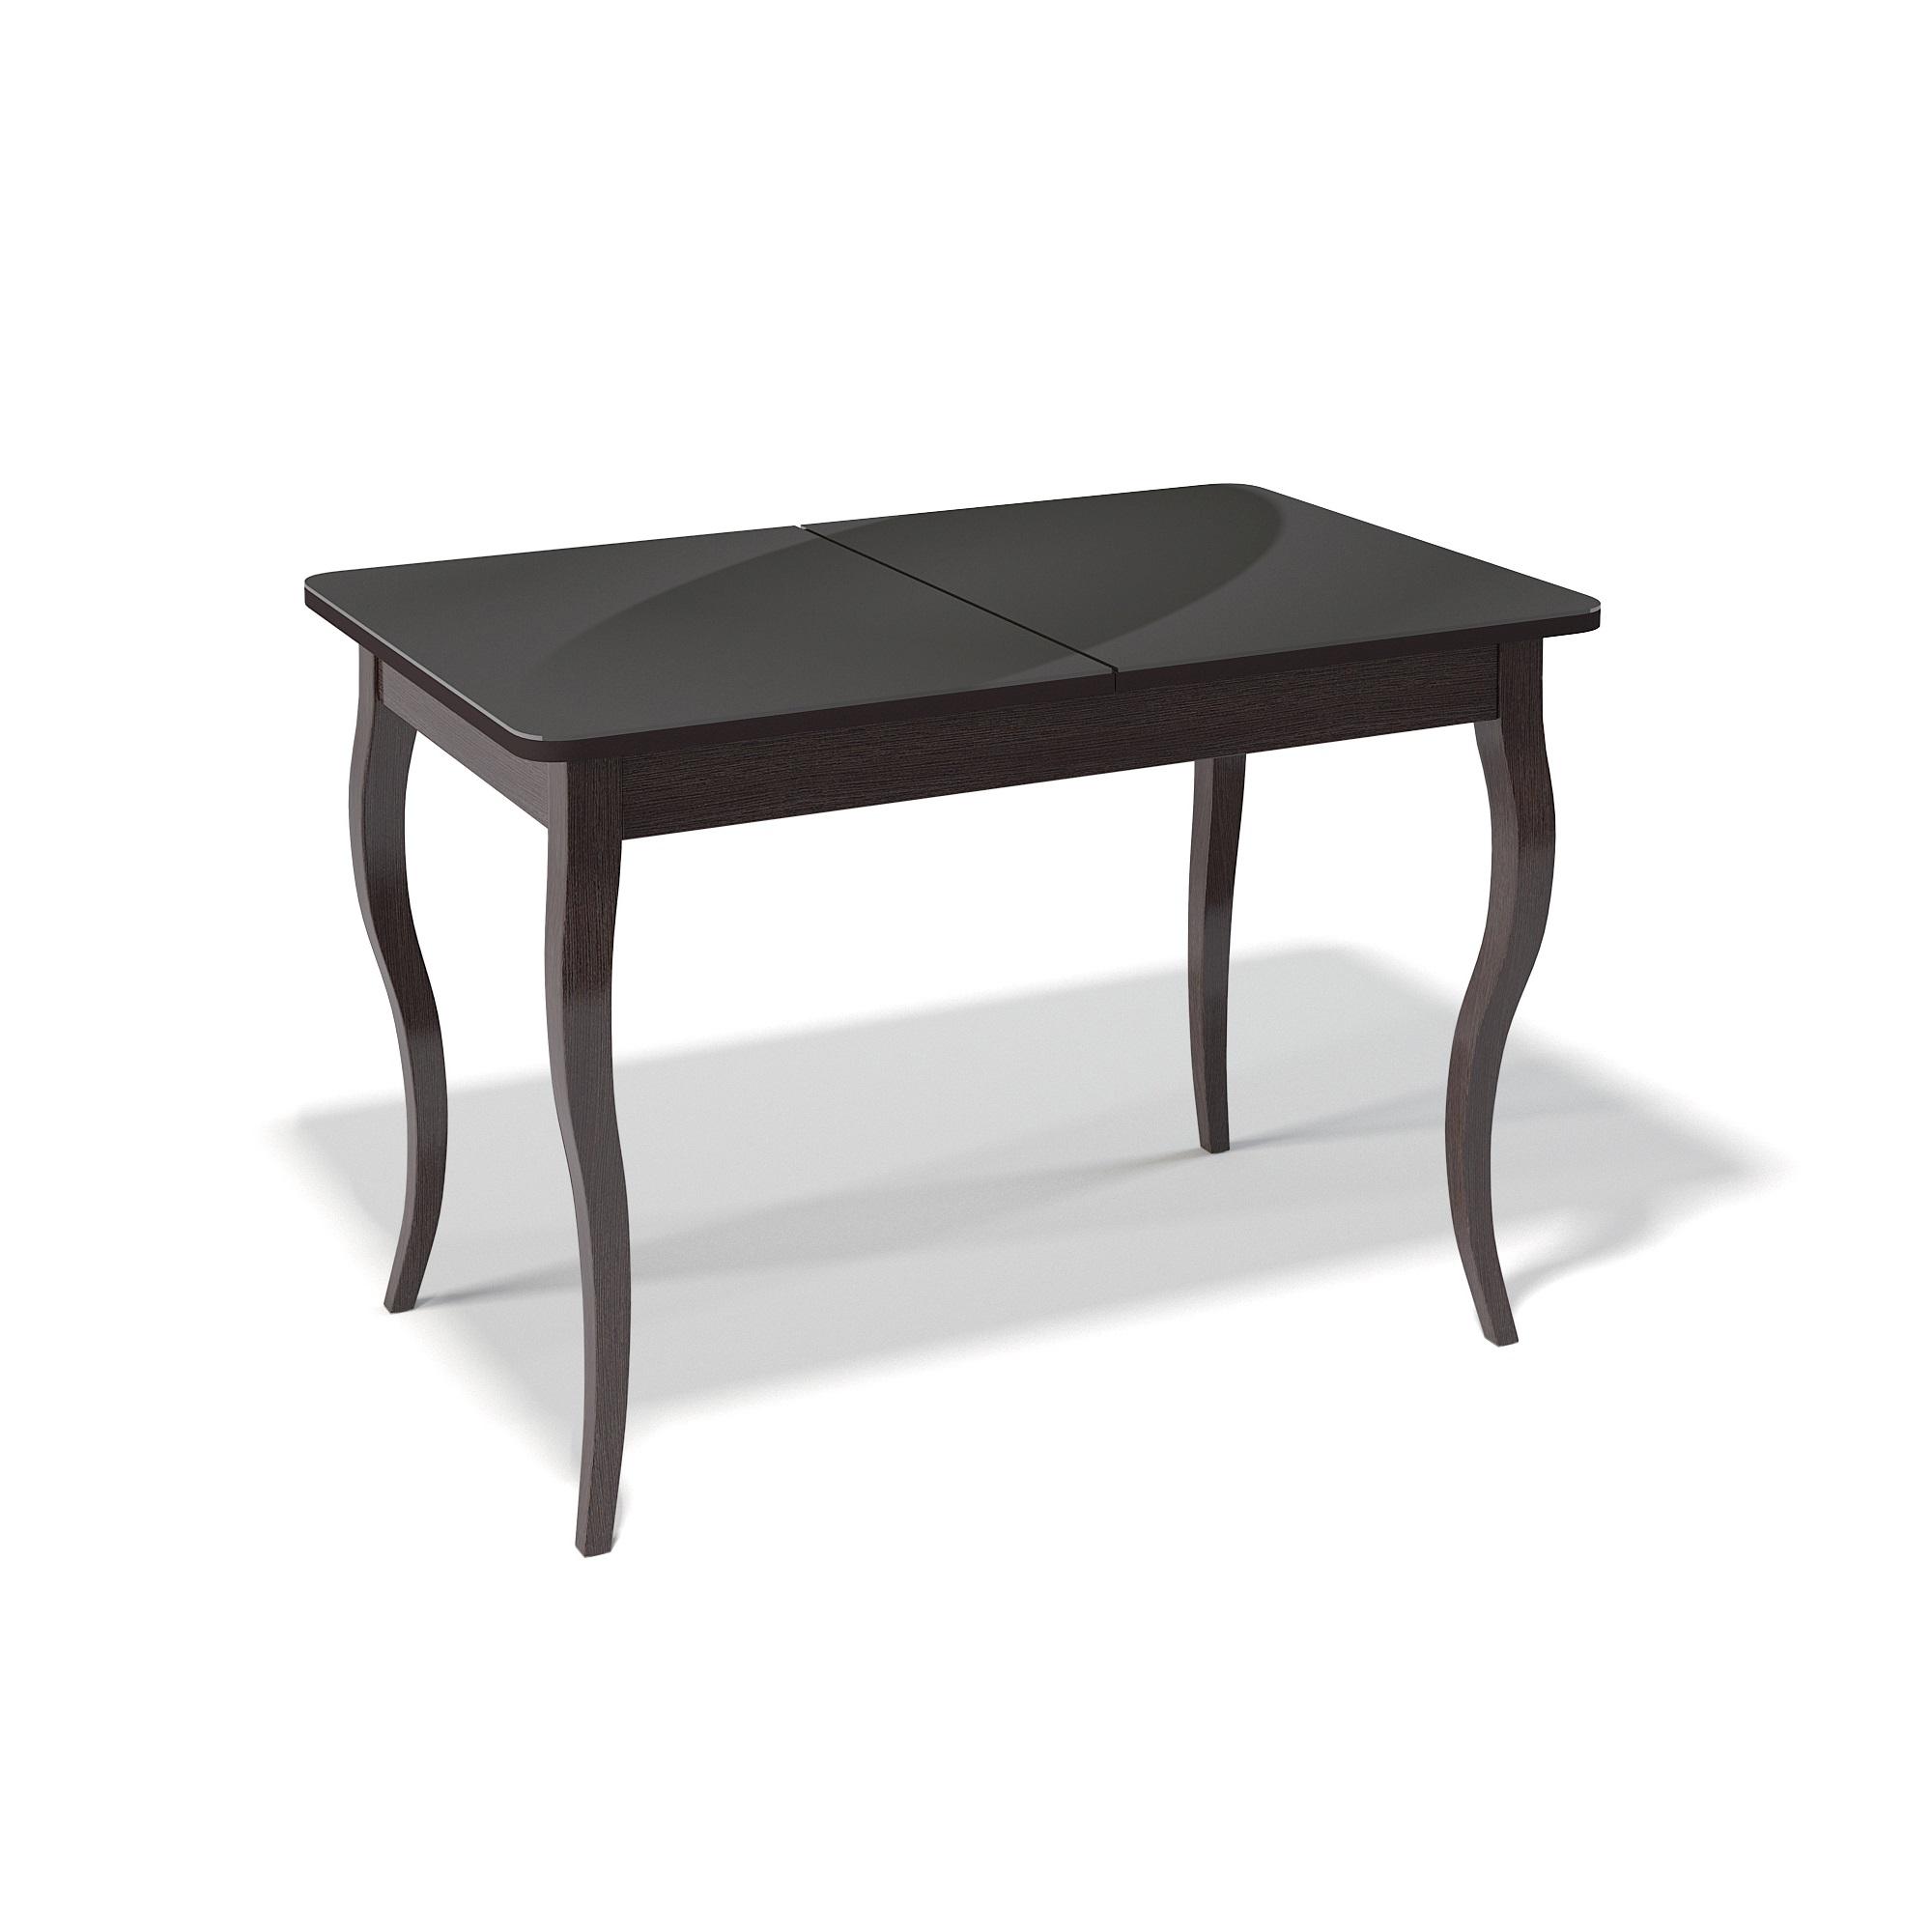 Стол обеденный KennerОбеденные столы<br>Ножки стола выполнены из массива бука, столешница - ДСП+стекло 4мм.&amp;amp;nbsp;&amp;lt;div&amp;gt;Механизм раскладки: синхронный, легкого скольжения.&amp;amp;nbsp;&amp;lt;/div&amp;gt;&amp;lt;div&amp;gt;На ножках установлены регулировочные винты.&amp;amp;nbsp;&amp;lt;/div&amp;gt;&amp;lt;div&amp;gt;Фурнитура в комплекте.&amp;amp;nbsp;&amp;lt;/div&amp;gt;&amp;lt;div&amp;gt;Стол раскладной,вставка &amp;quot;бабочка&amp;quot; со стеклом.&amp;amp;nbsp;&amp;lt;/div&amp;gt;&amp;lt;div&amp;gt;Размер столешницы в разложенном виде: 150х75 см. &amp;lt;/div&amp;gt;<br><br>Material: Дерево<br>Ширина см: 110.0<br>Высота см: 75.0<br>Глубина см: 70.0